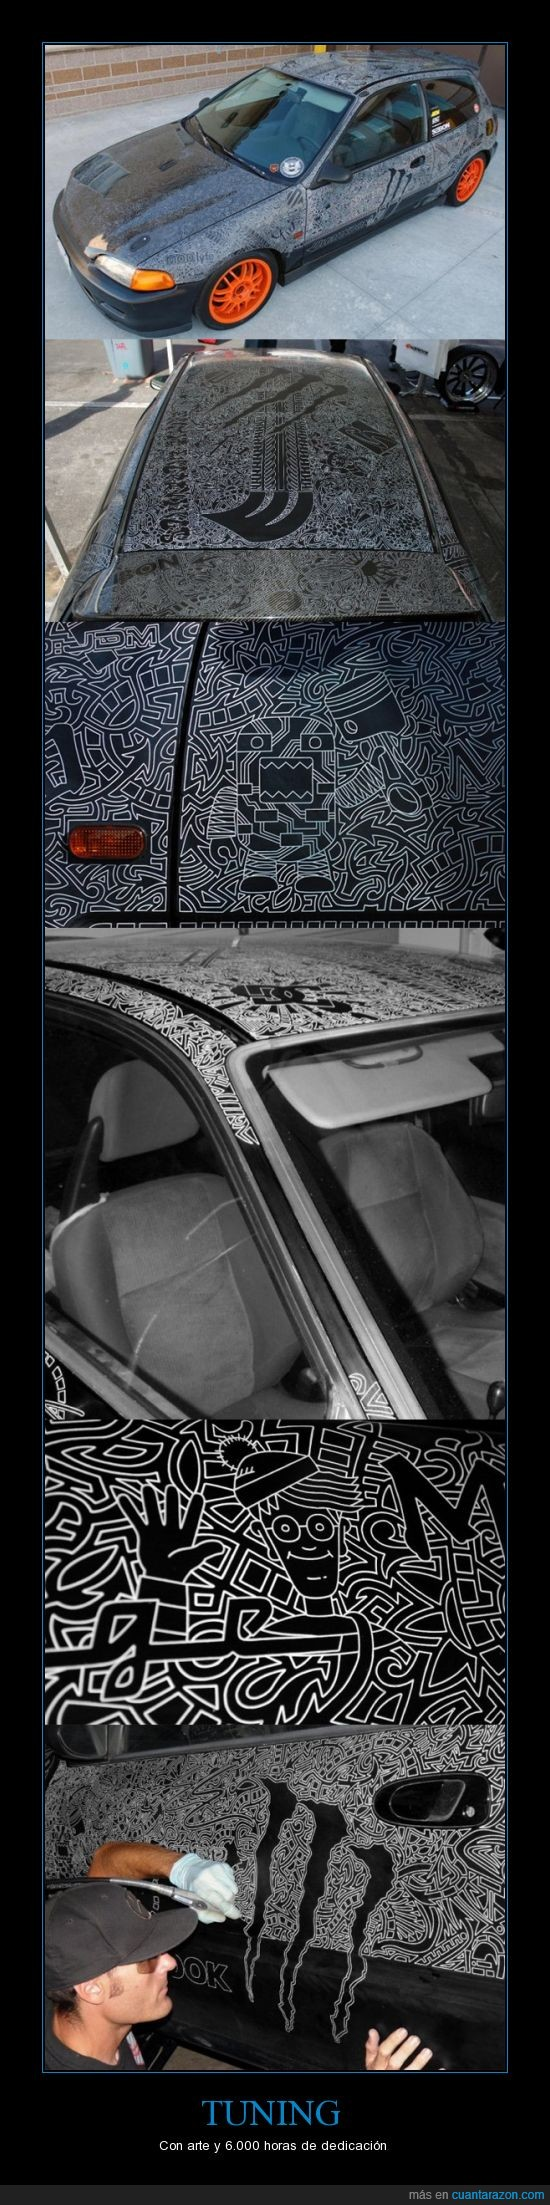 arte,coche,decoración,honda civic,paciencia,pintar,tunear,wally